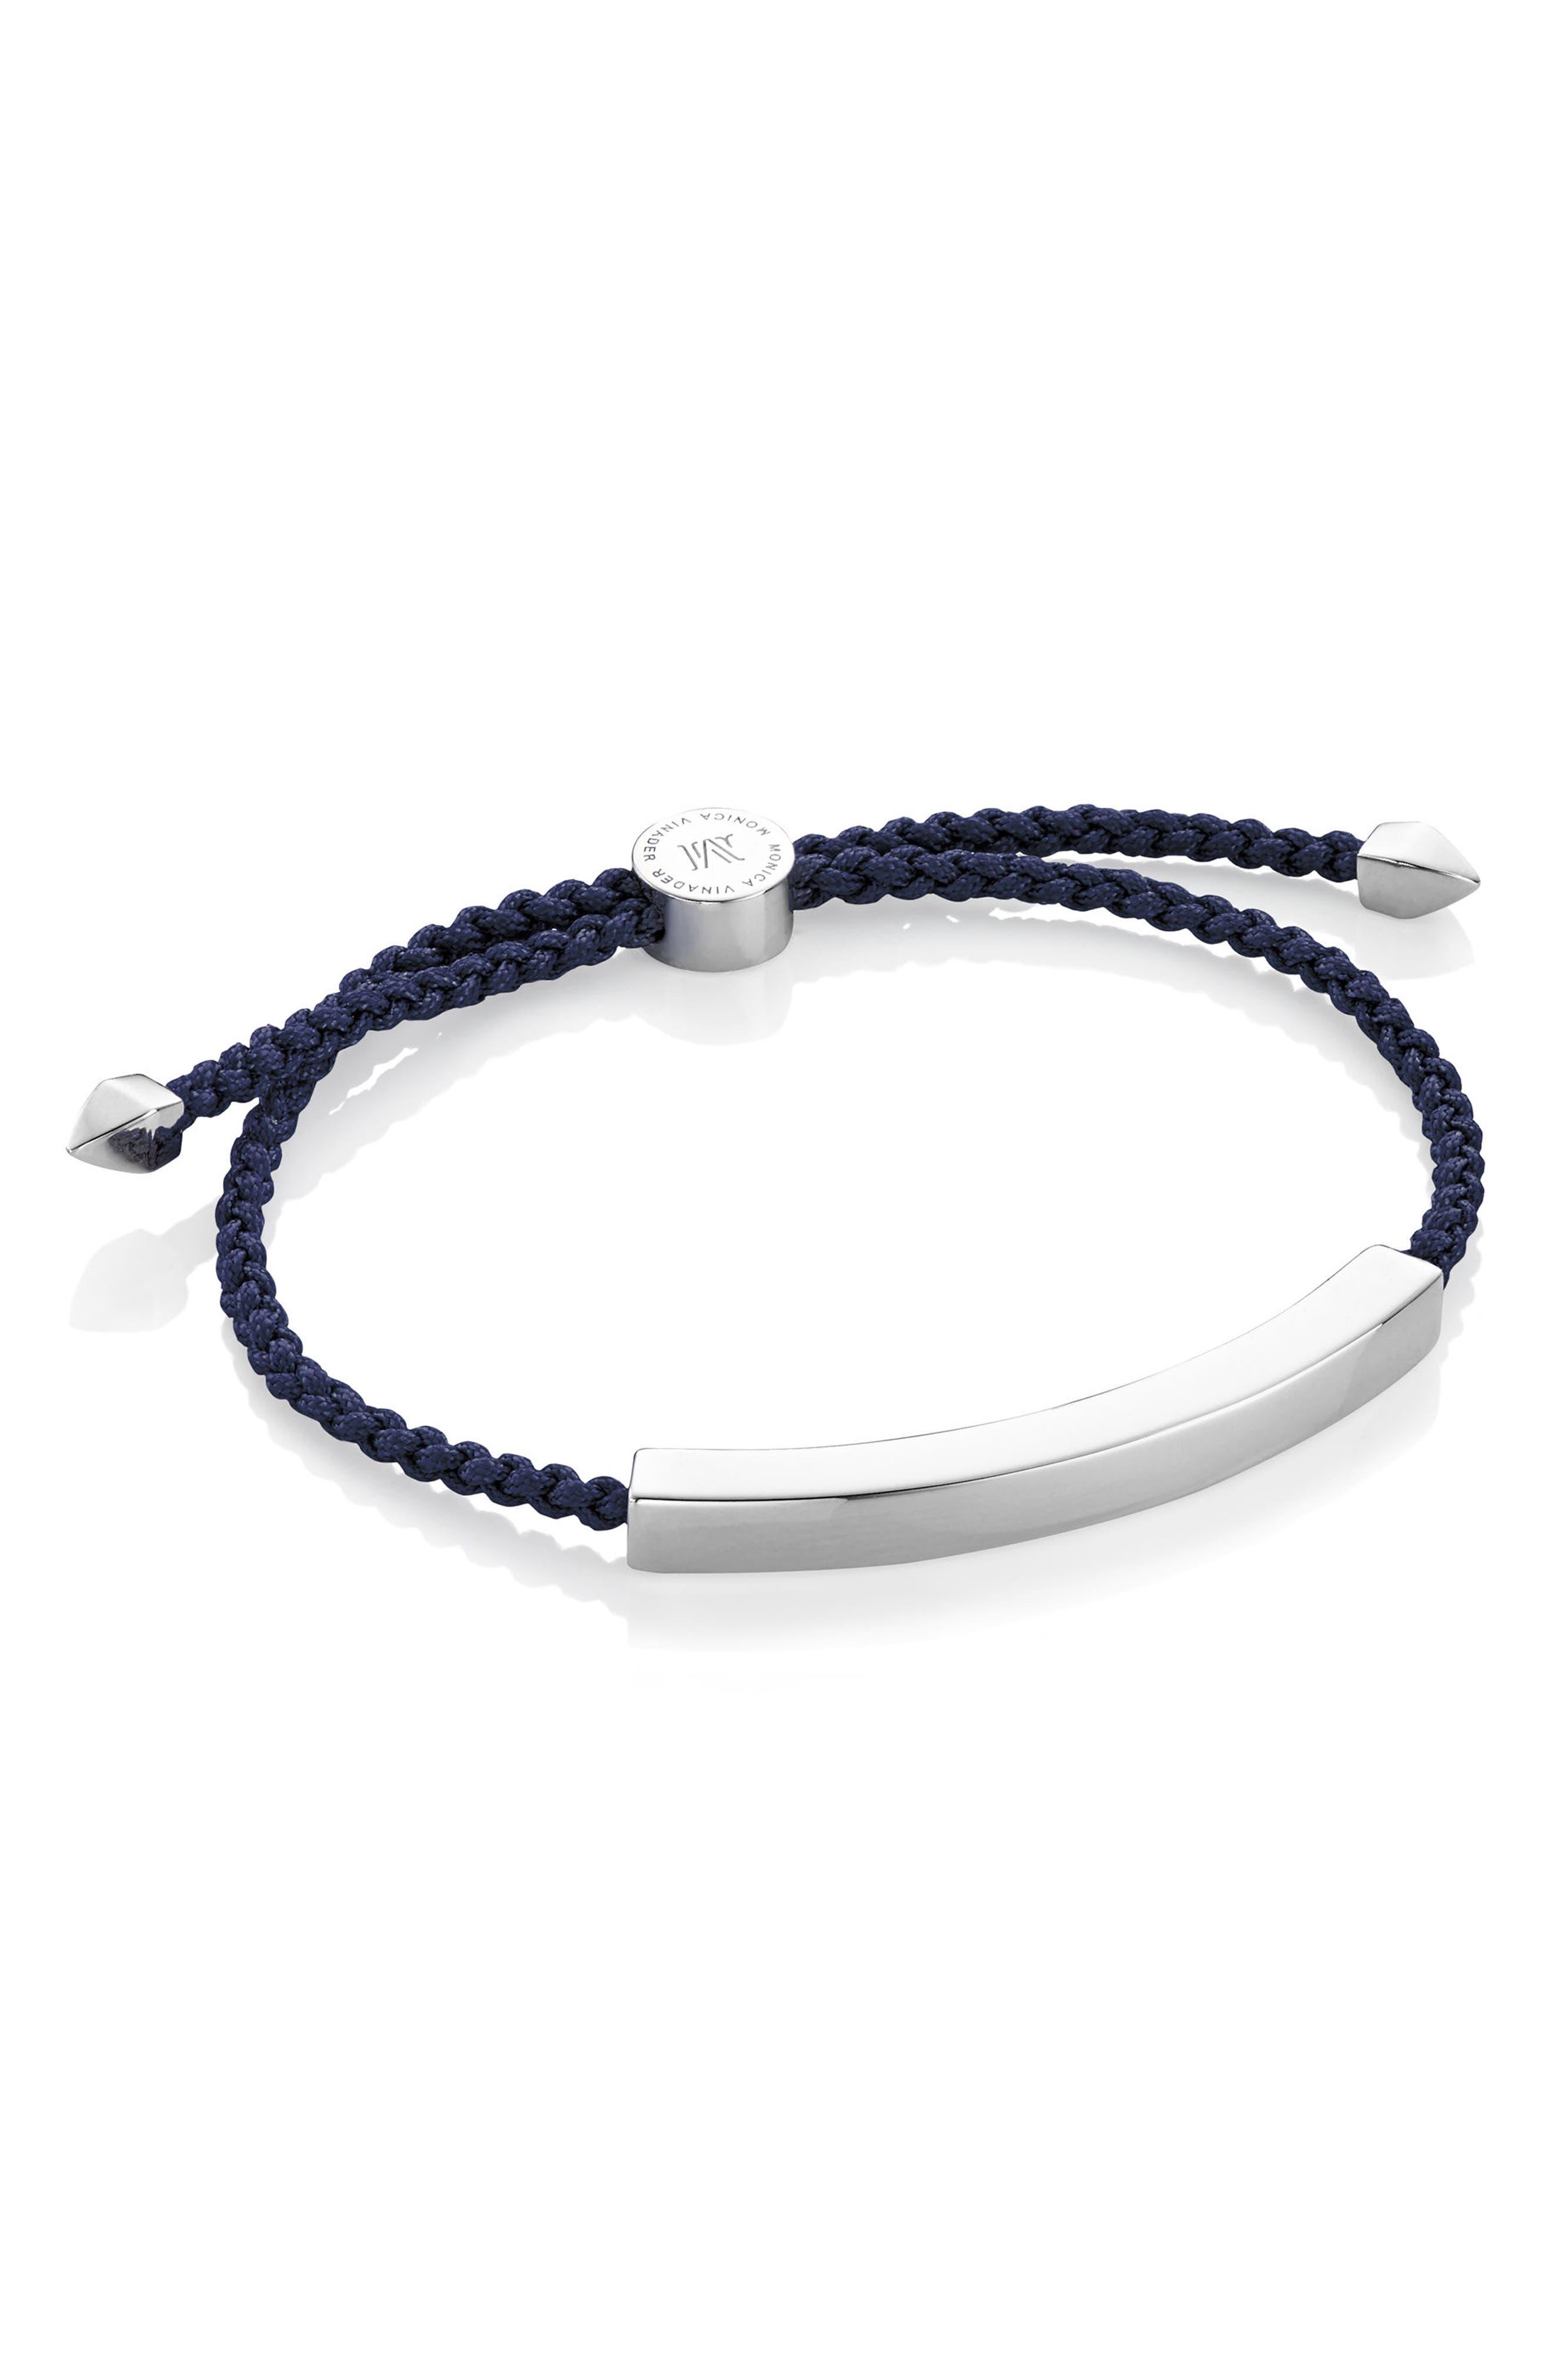 Monica Vinader Men's Friendship Bracelet